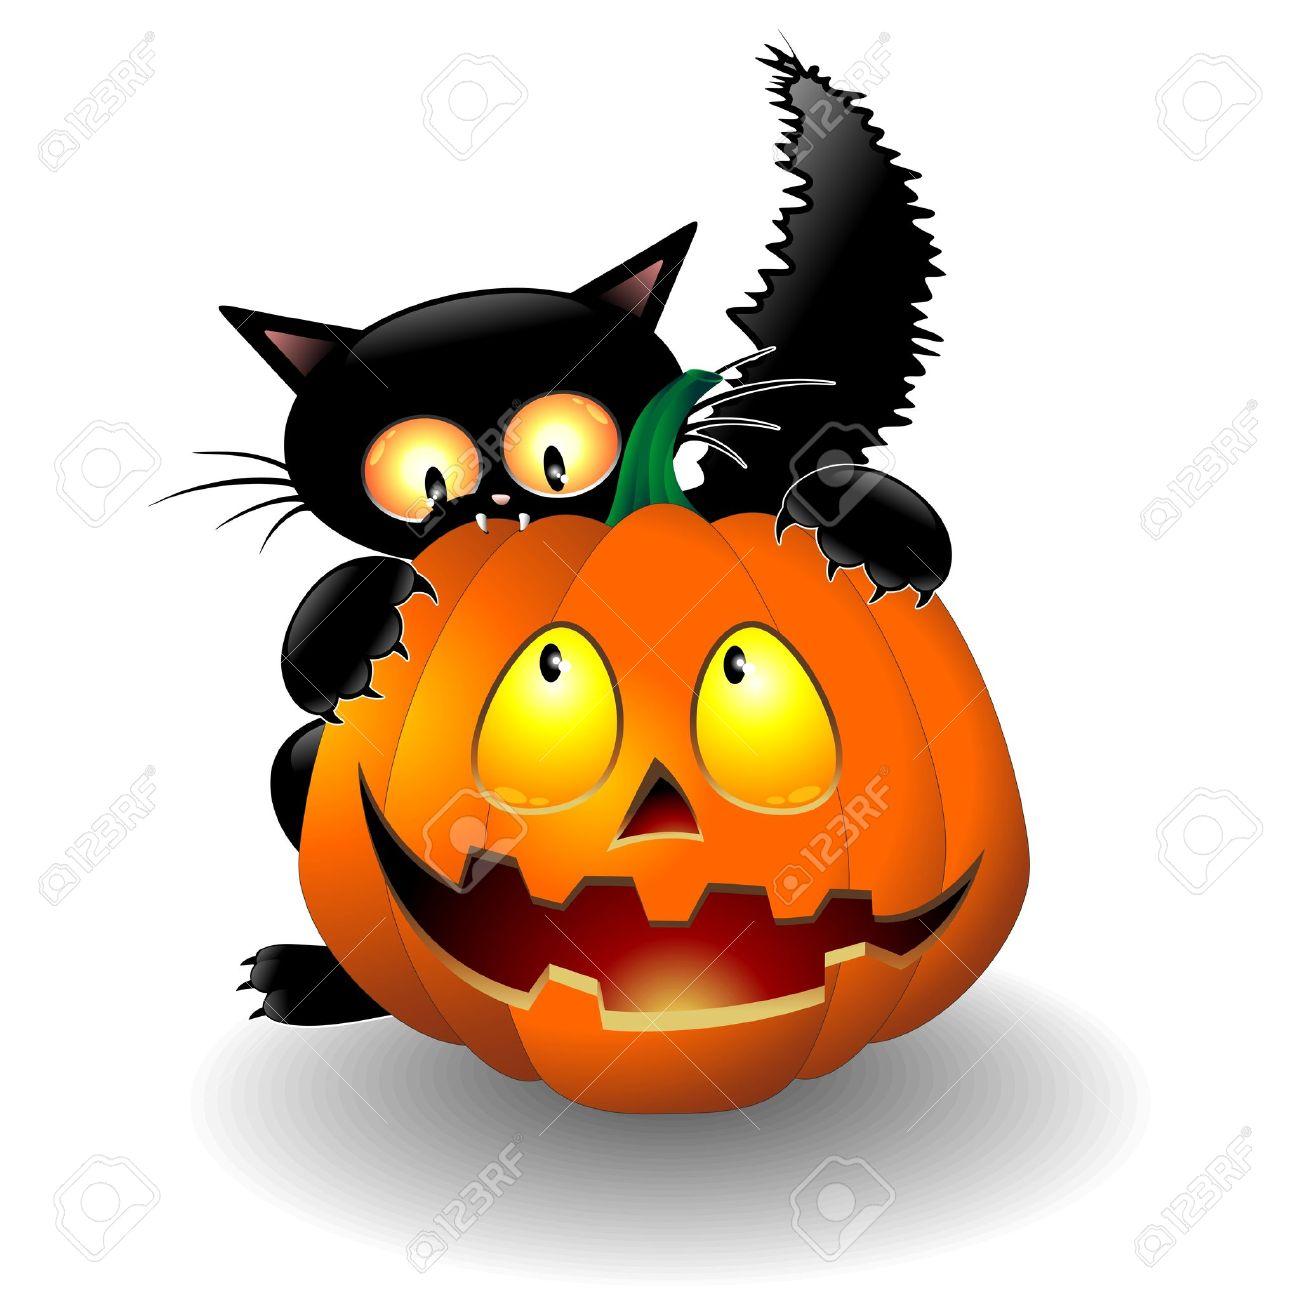 Halloween Cat Cartoon biting a Pumpkin Stock Vector - 21299346